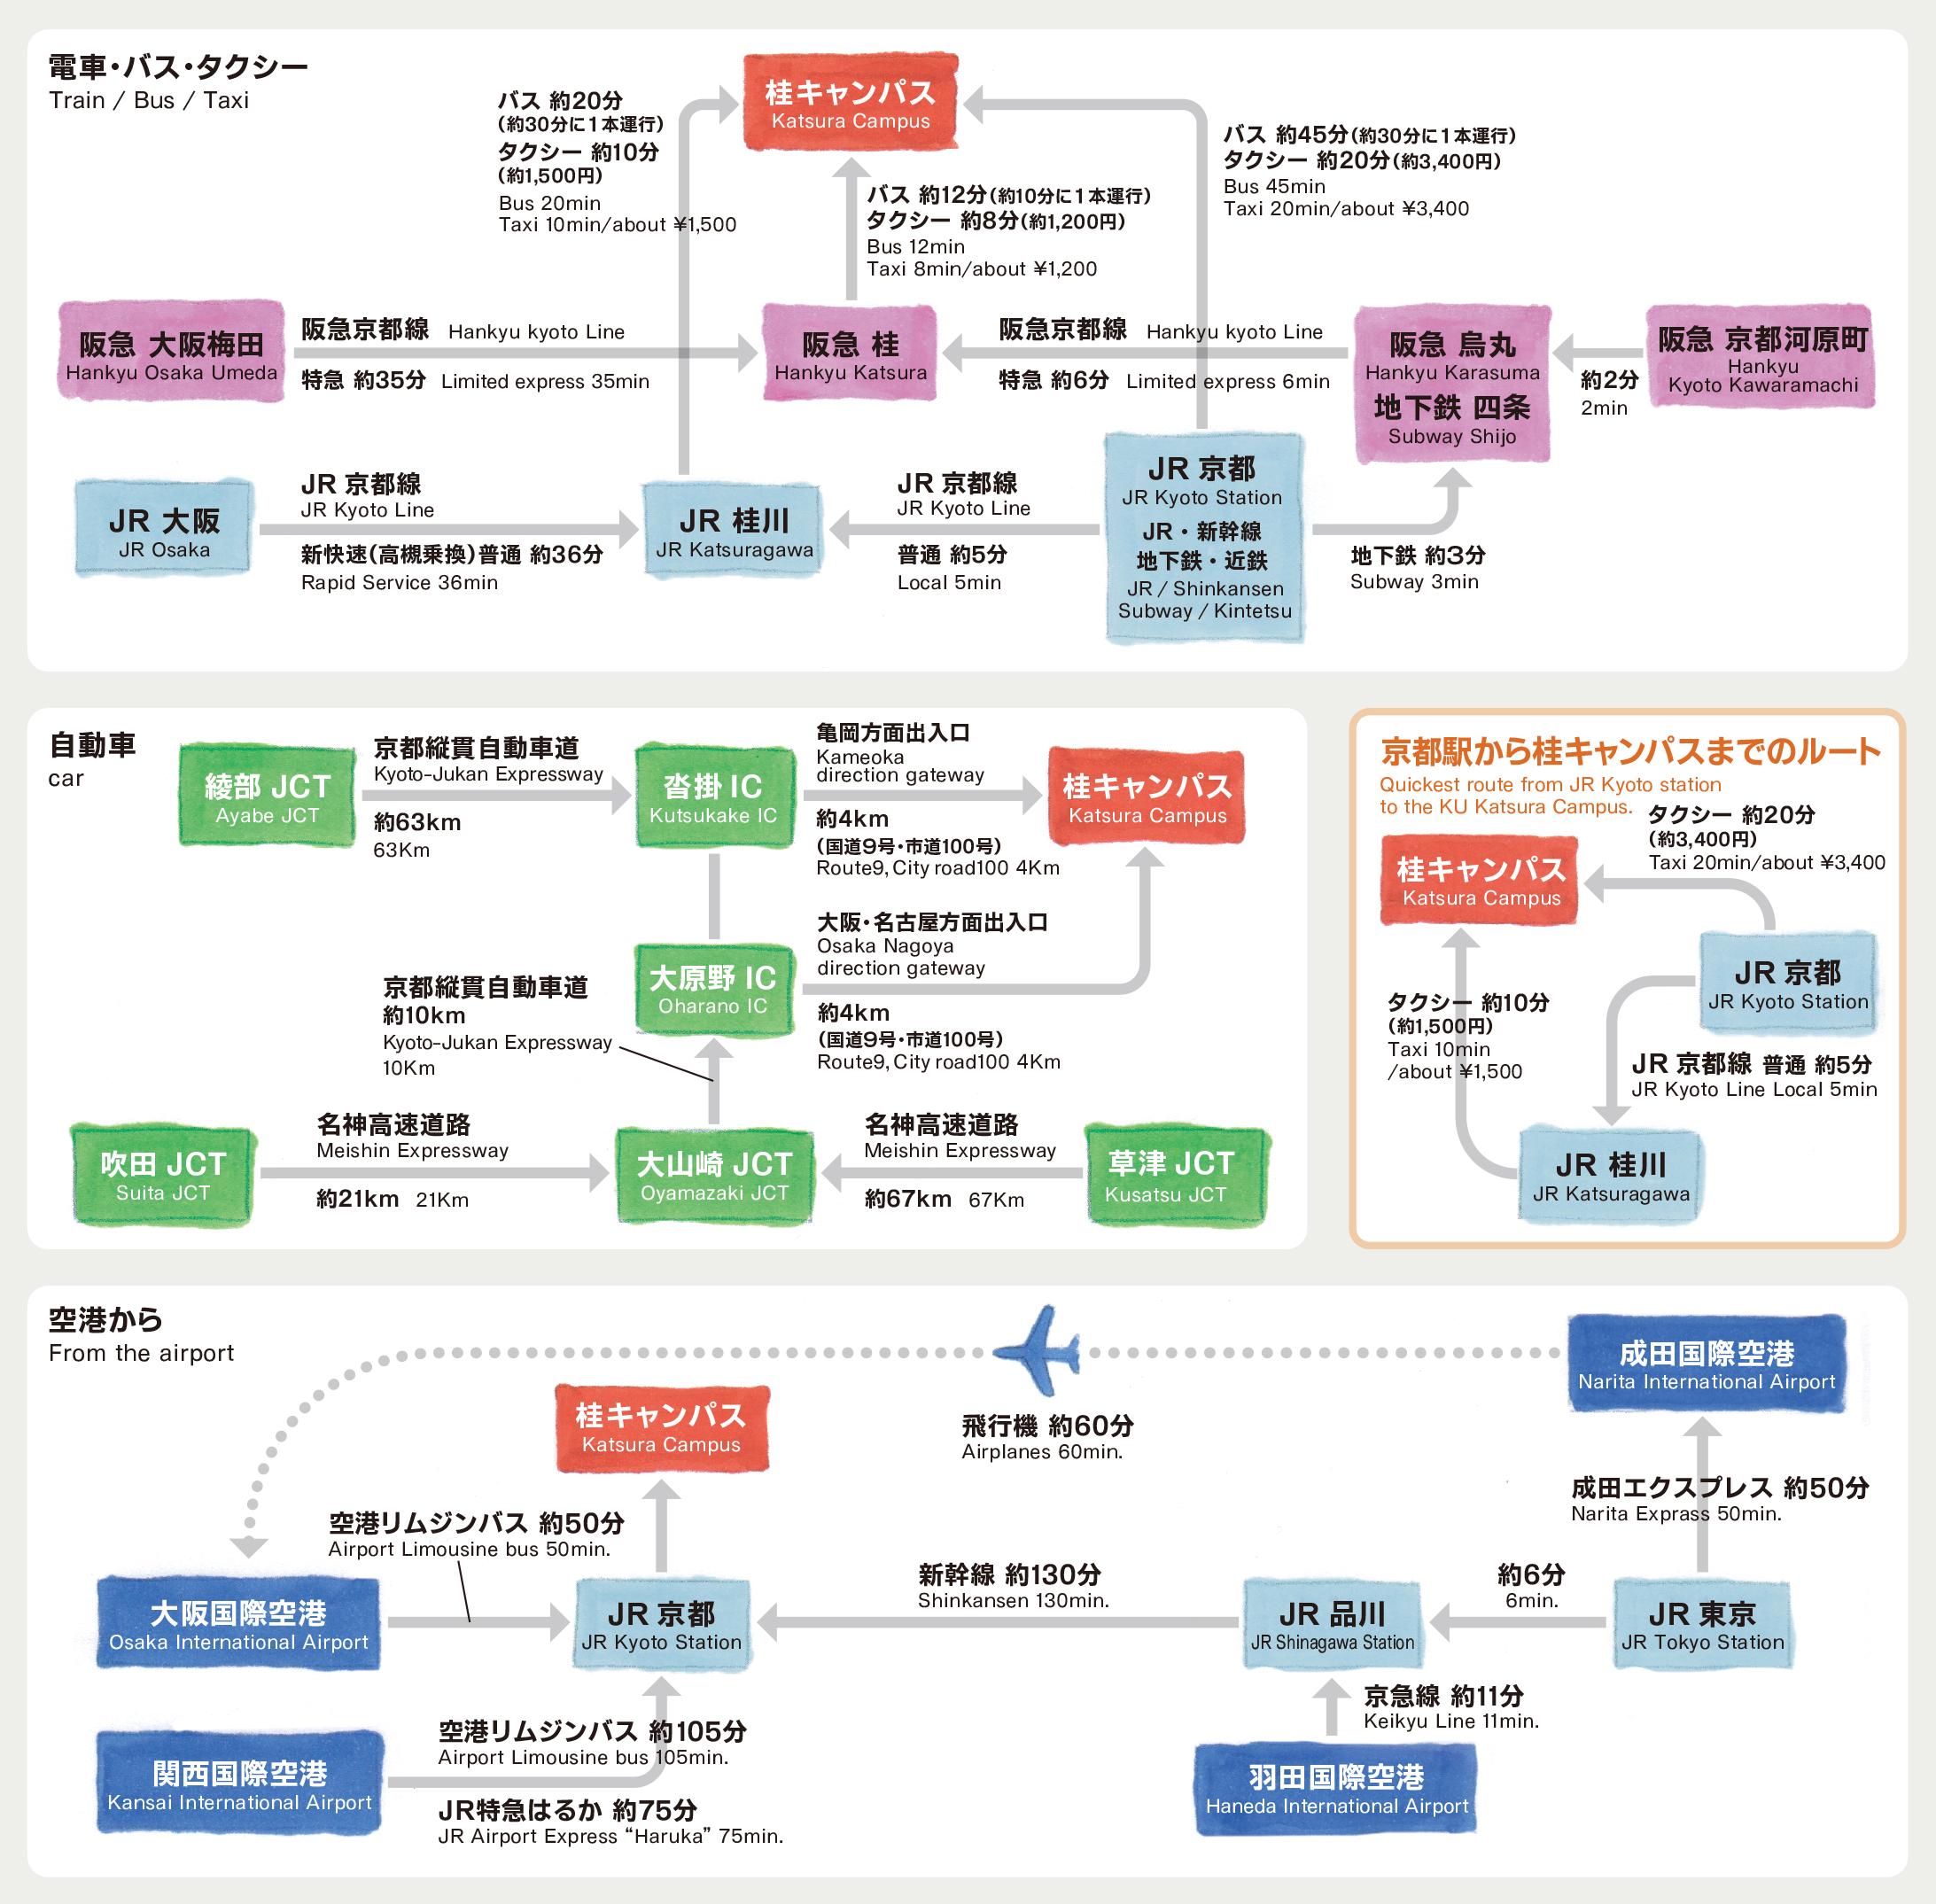 桂-遠距離マップ.jpg